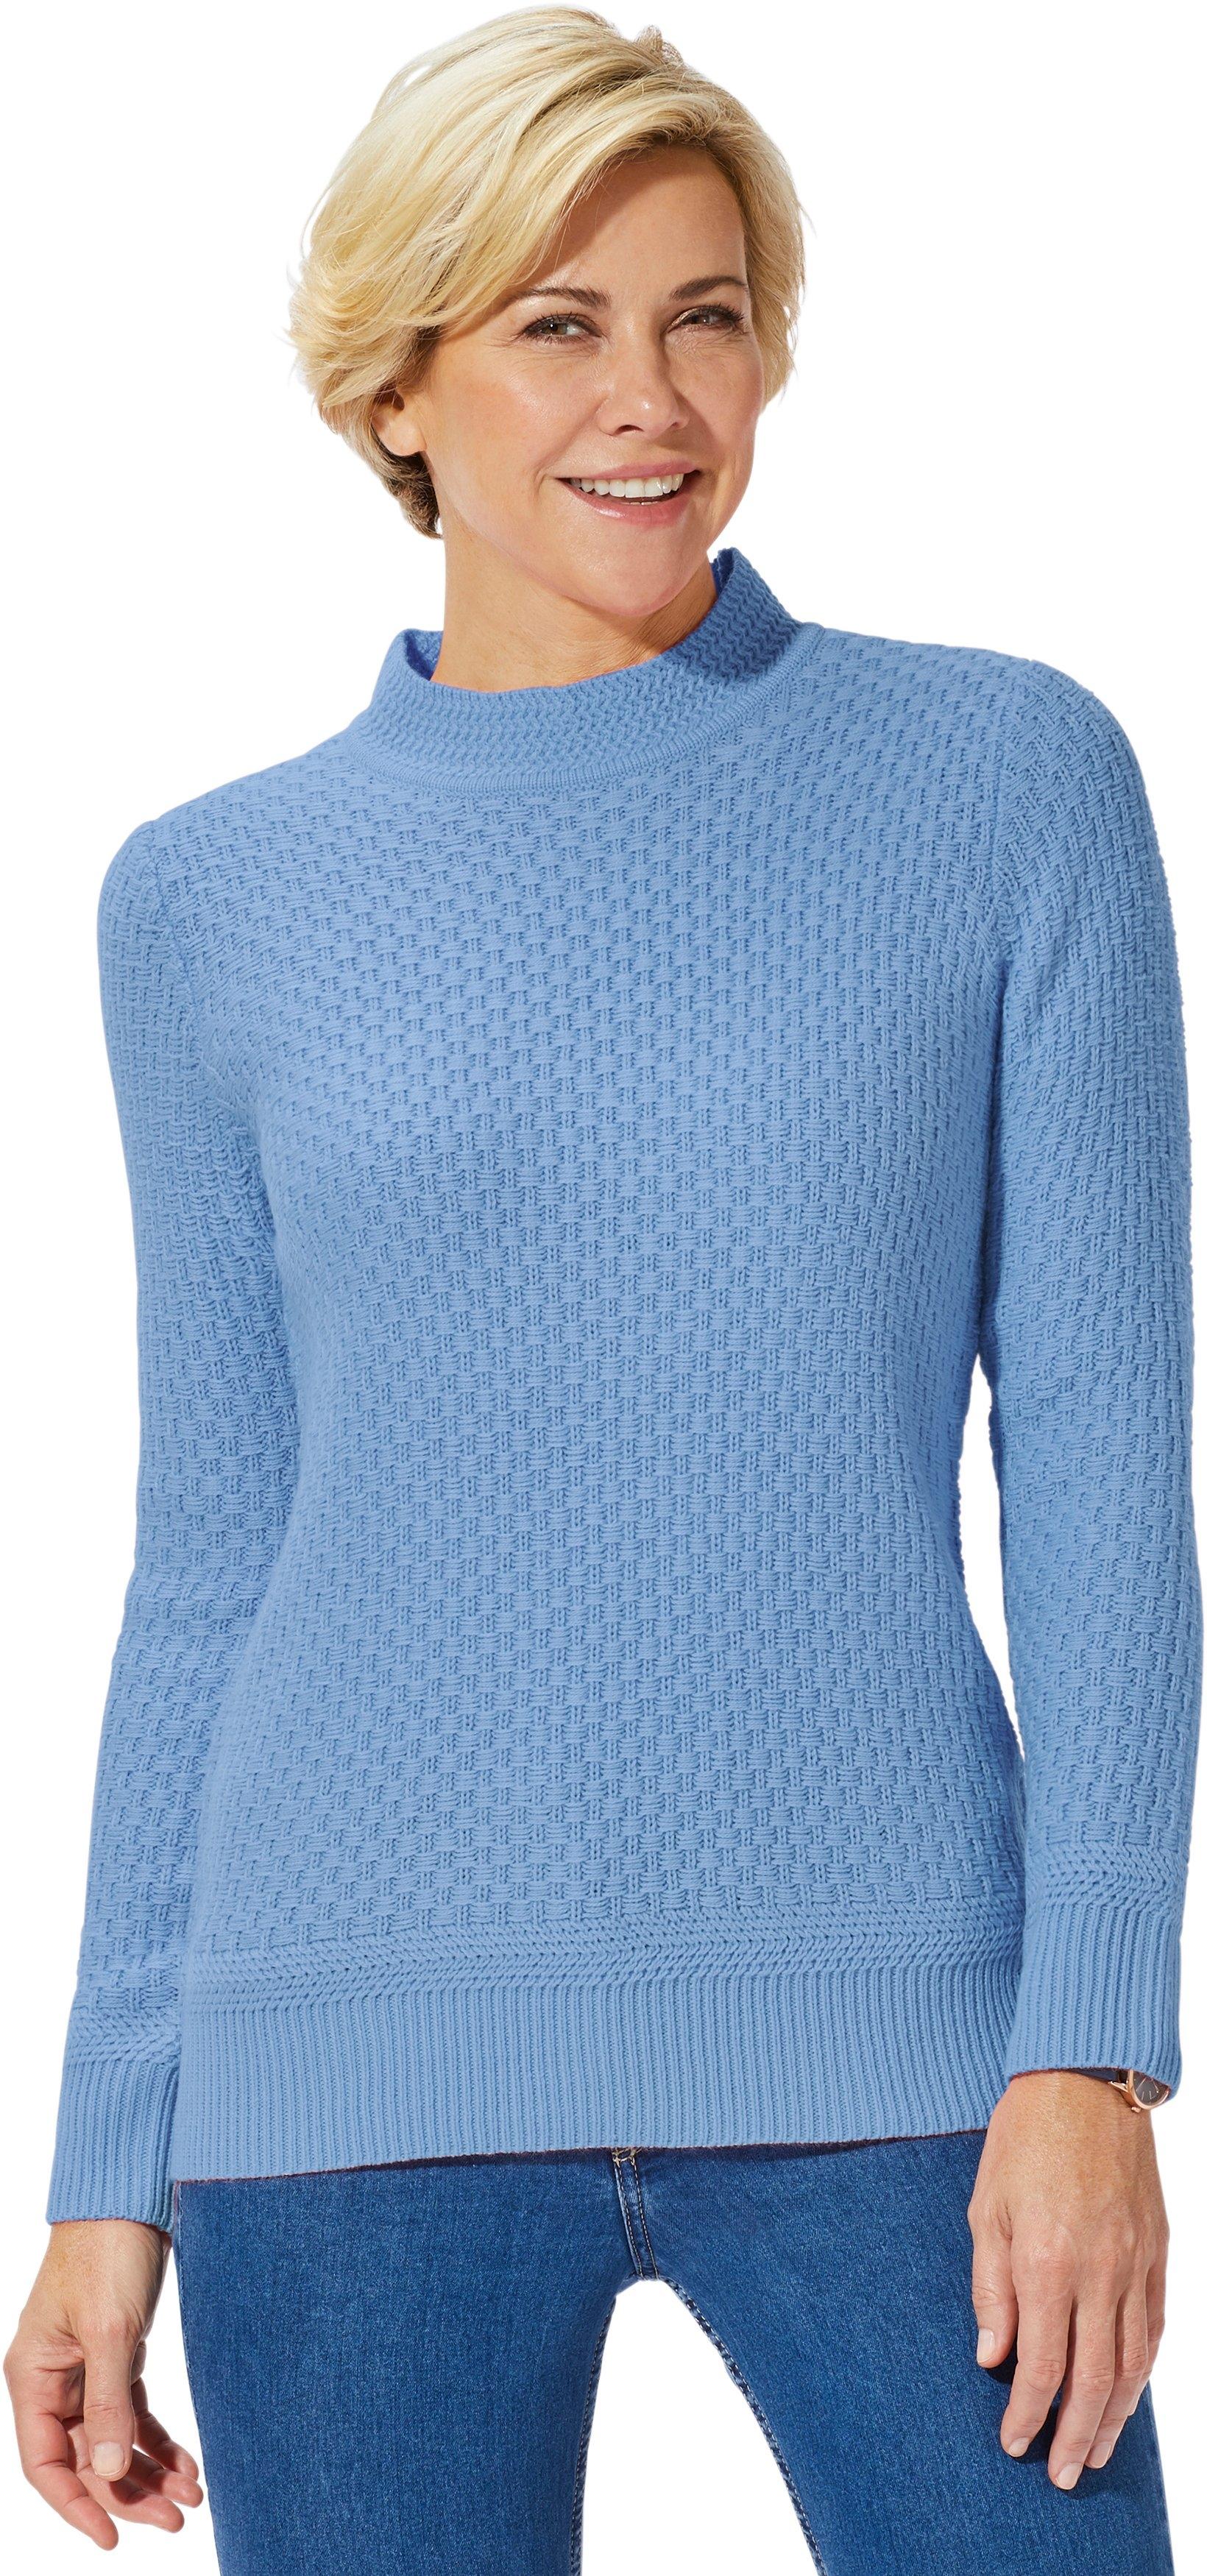 Classic Basics trui met staande kraag voordelig en veilig online kopen